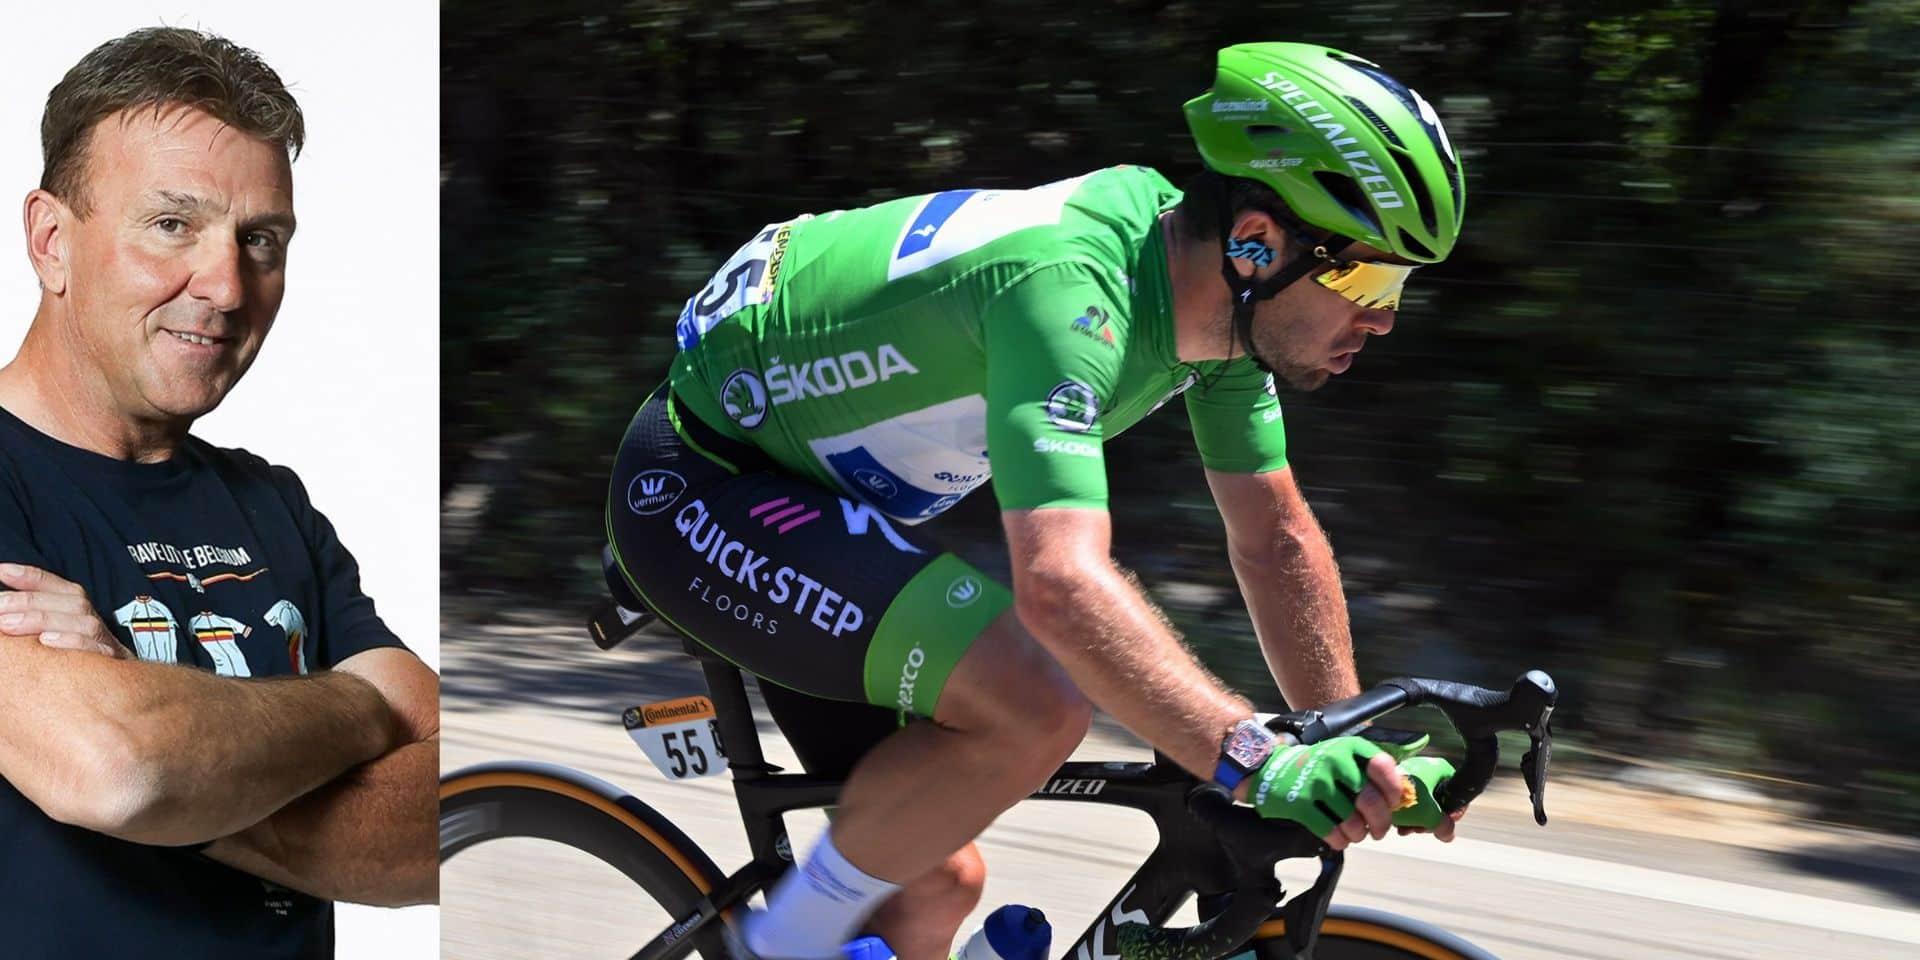 """L'avis de Johan Museeuw sur le Tour: """"Ce n'est peut-être pas encore fini pour Cavendish"""""""